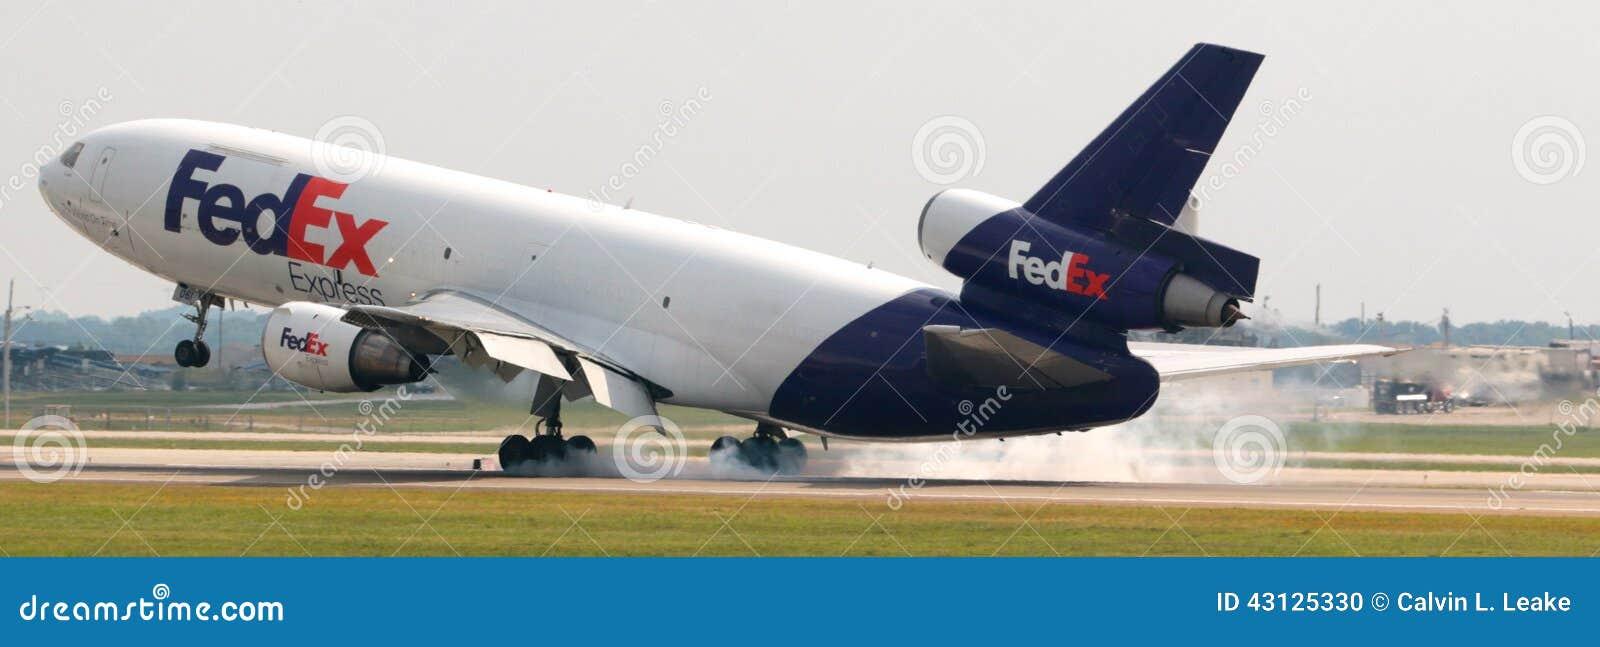 Een Fedex-Vliegtuigaanrakingen neer bij de luchthaven